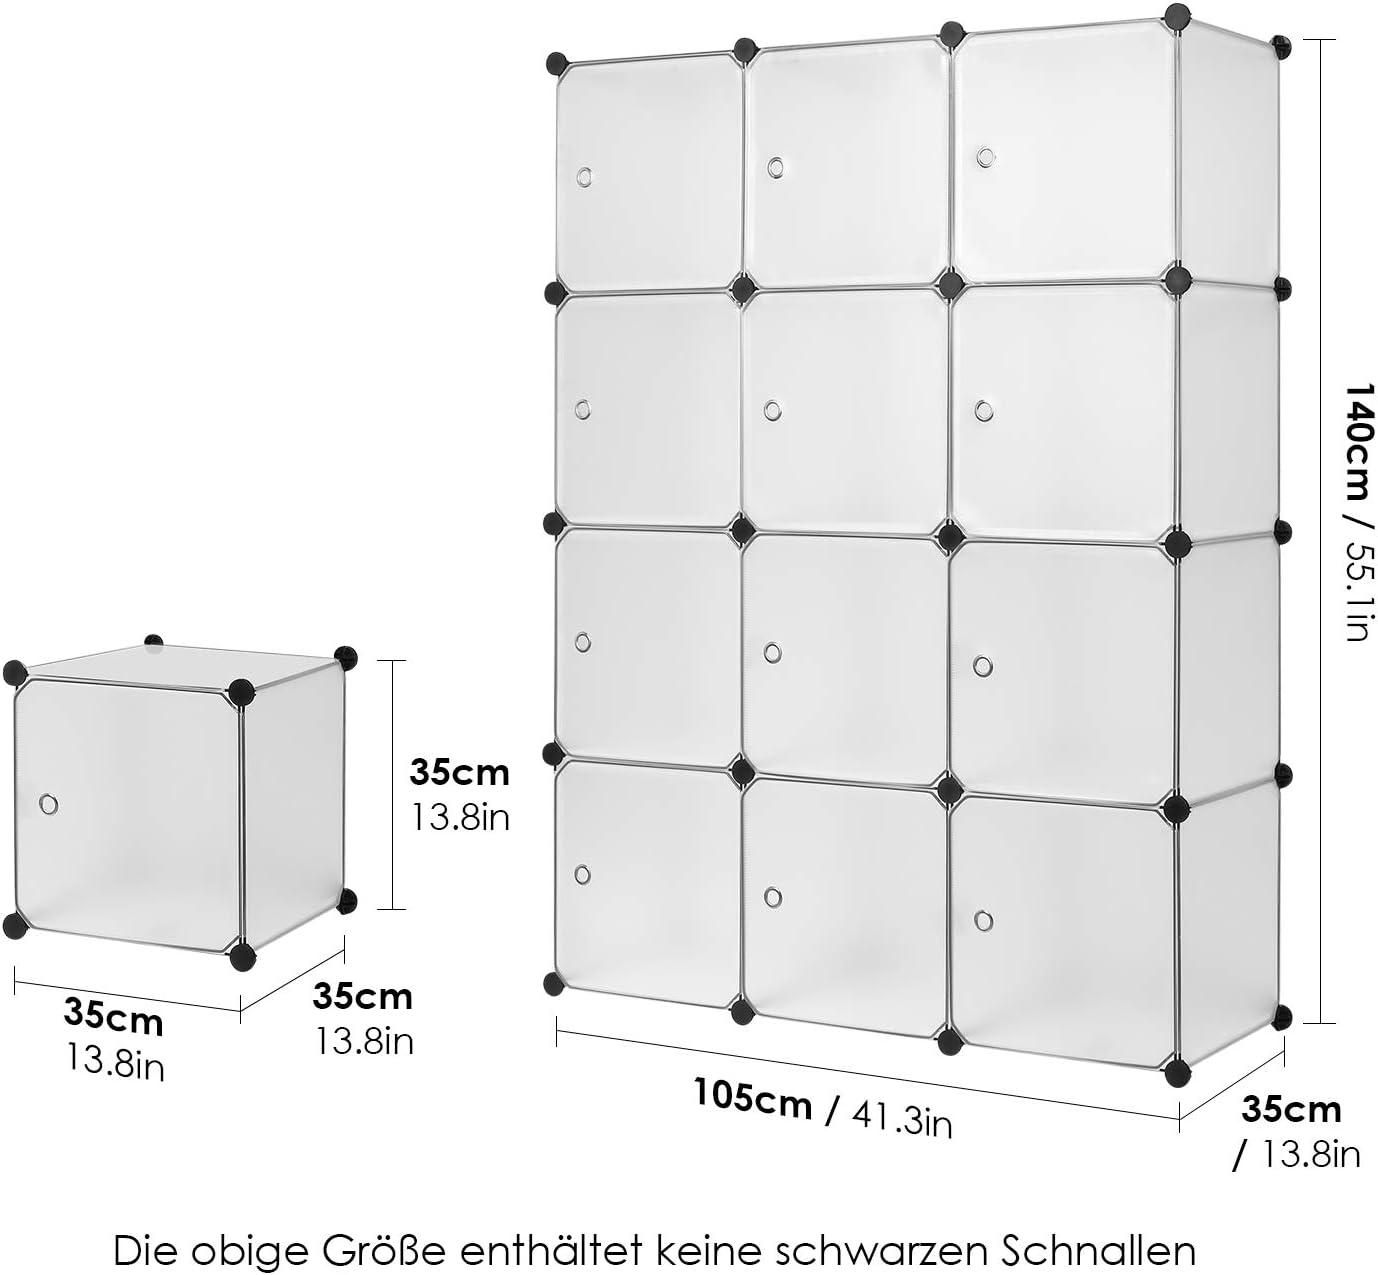 Homfa Armario Modular Estanter/ía Modular Organizador para Ropas de 12 Cubos Blanco 110x145x37.5cm